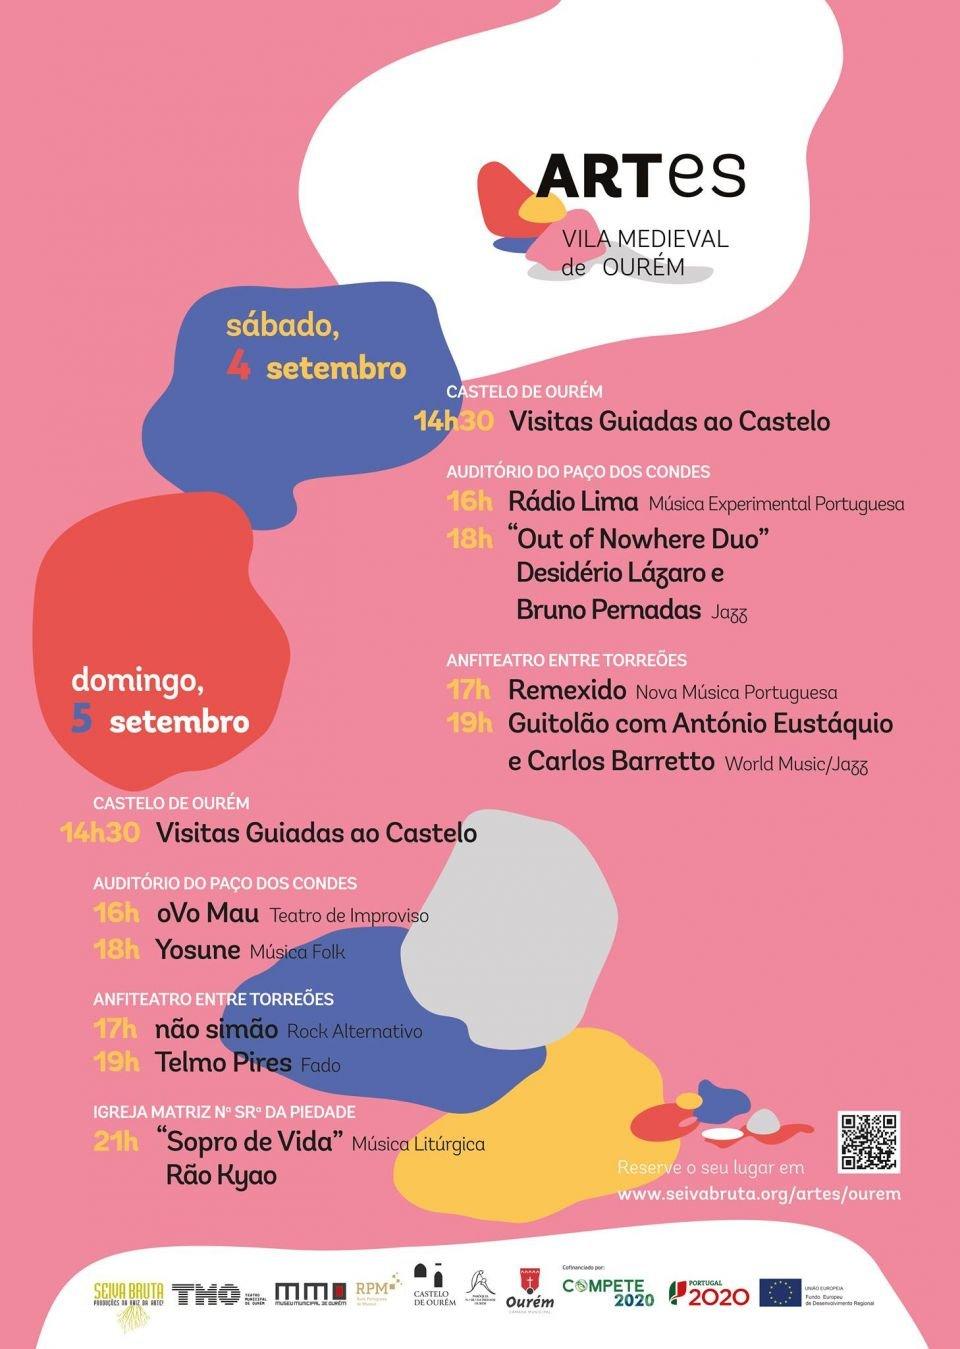 FESTIVAL ARTes - VILA MEDIEVAL DE OURÉM | 'REMEXIDO' Nova Música Portuguesa